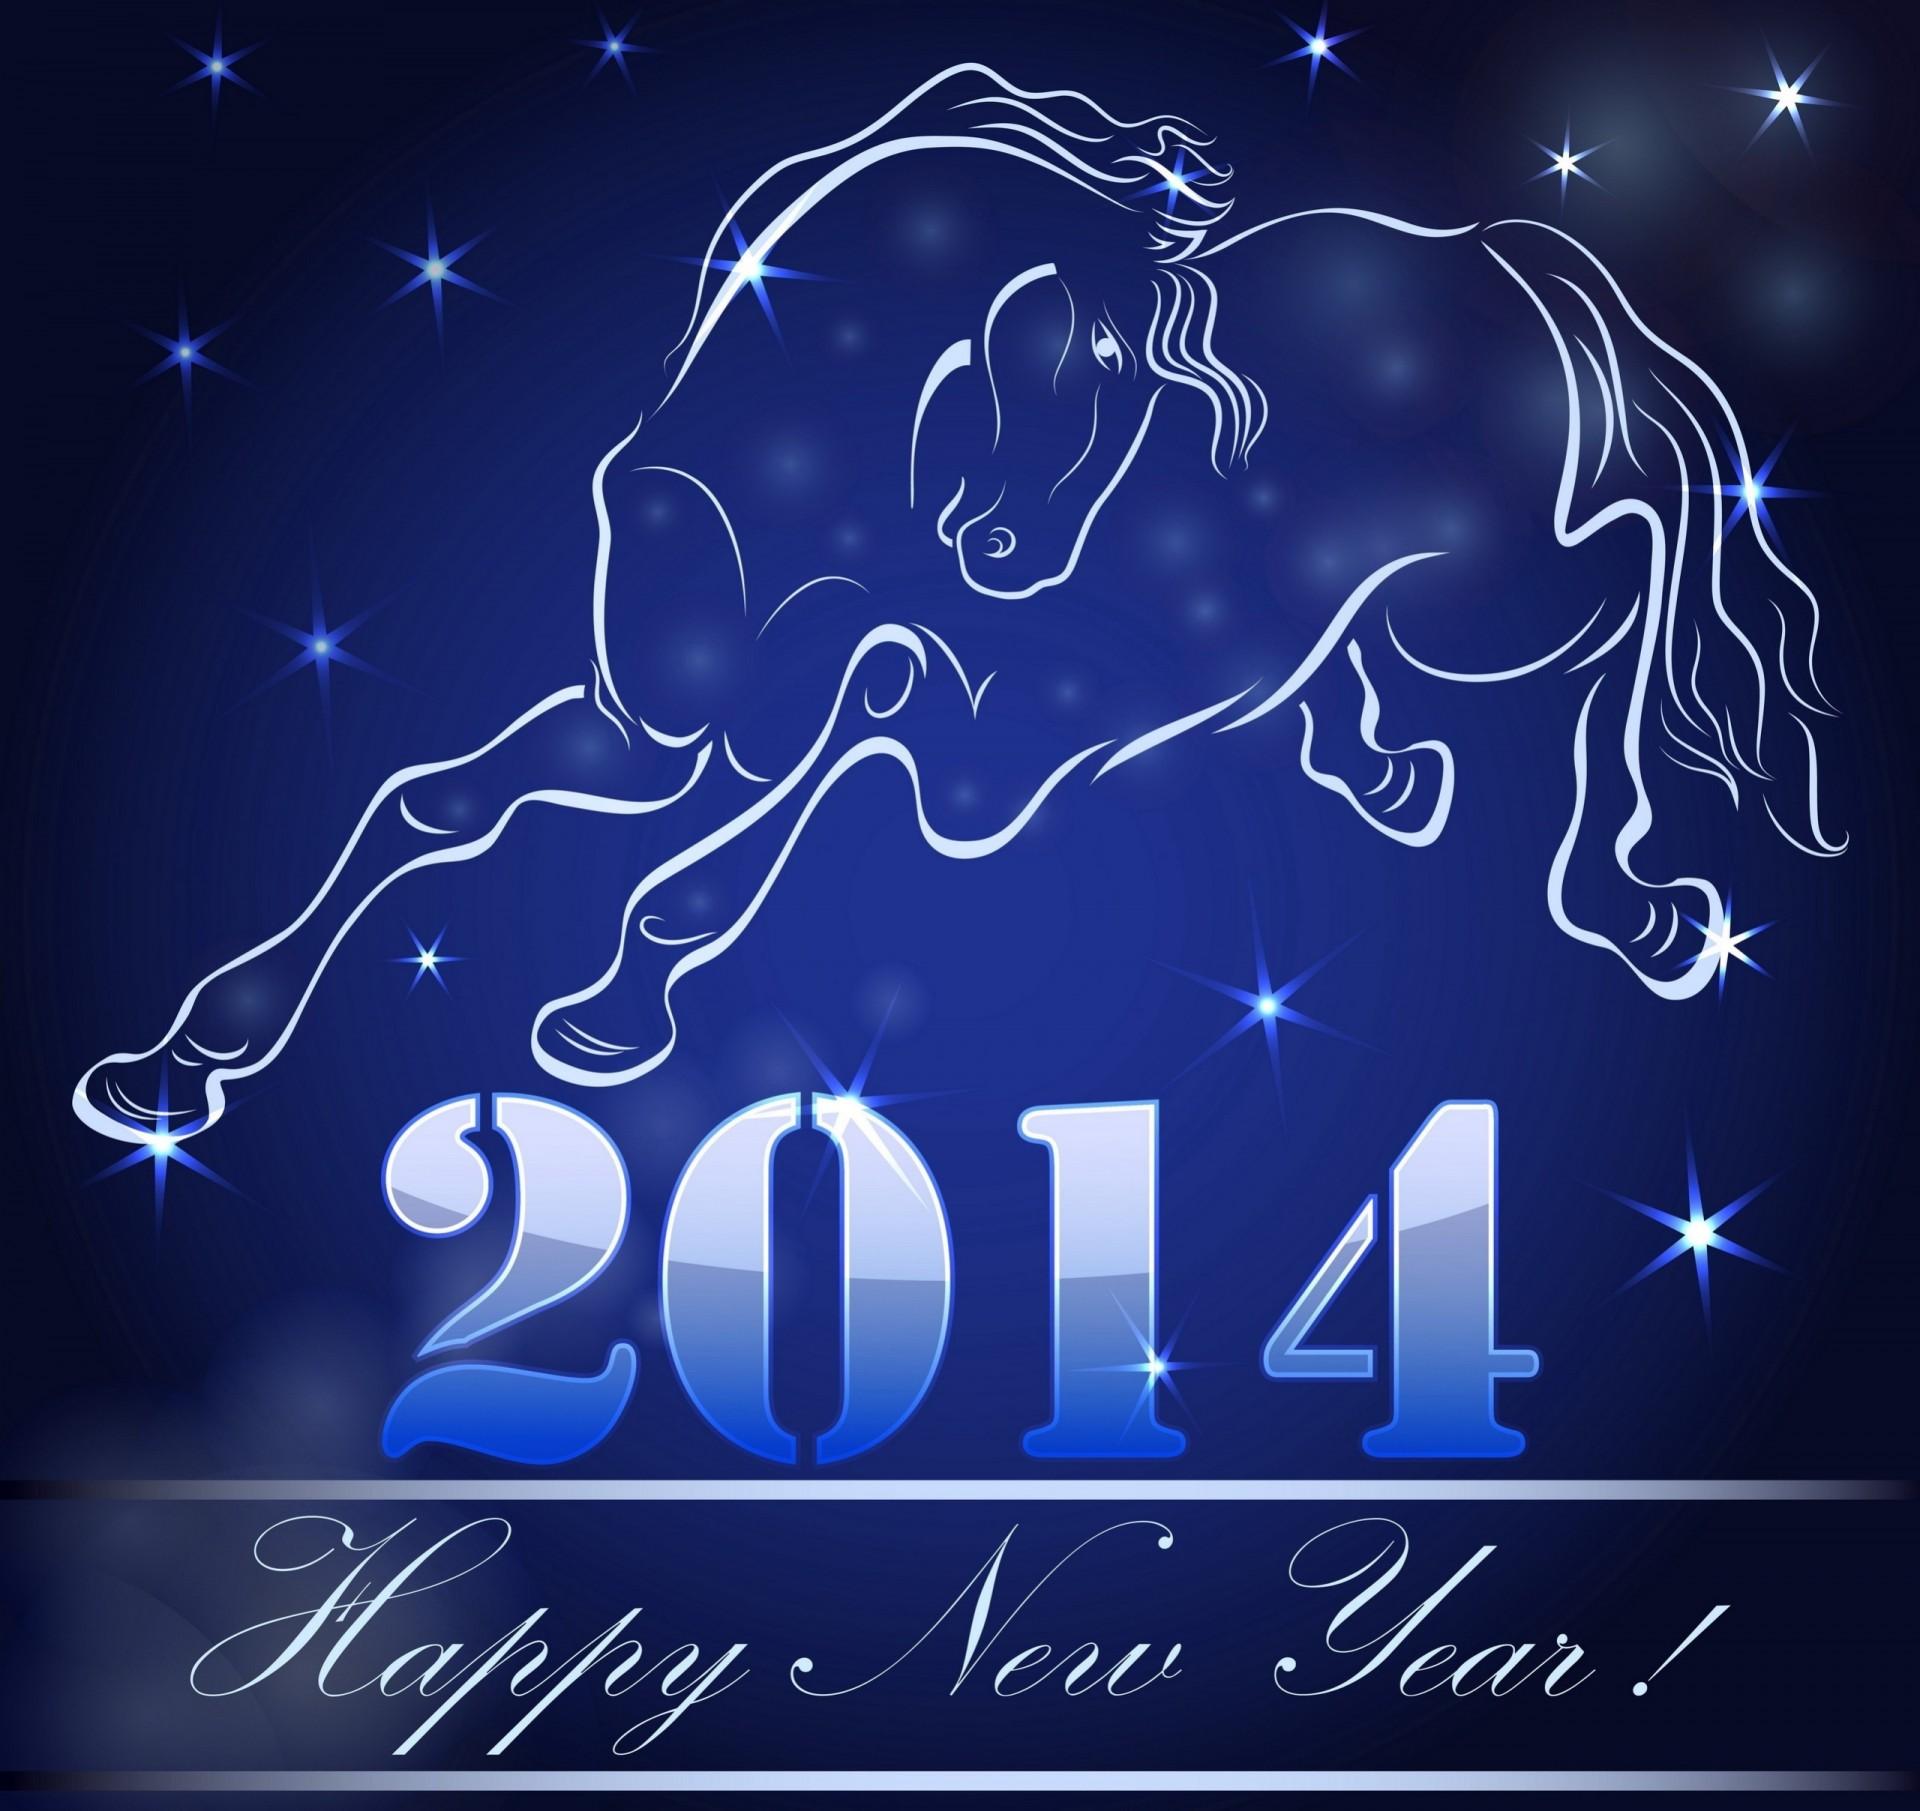 С новым годом 2014 открытки, февраля презентация открытка